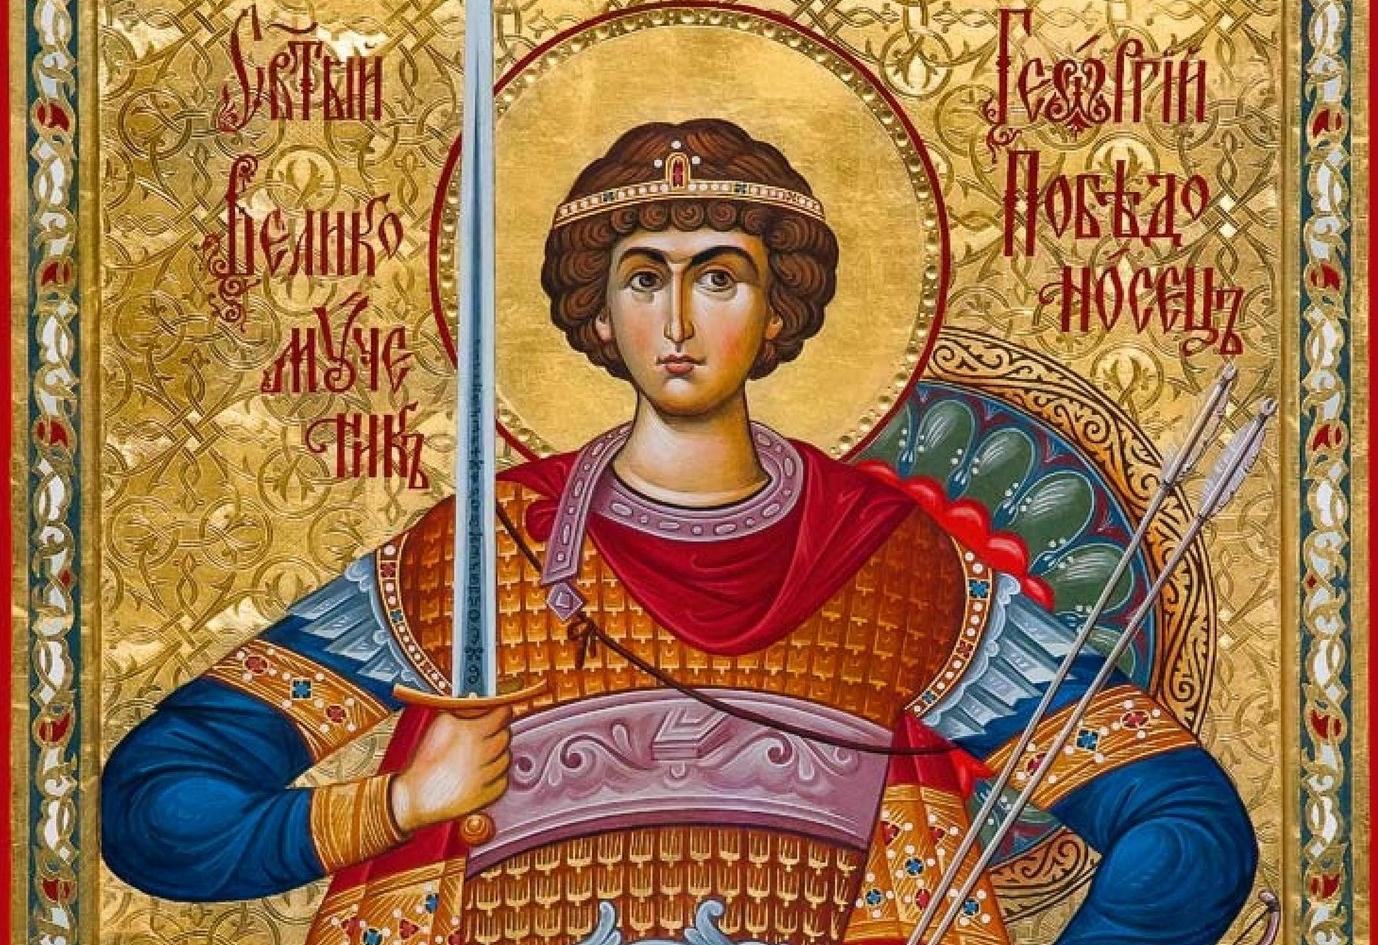 Самые сильные молитвы Георгию Победоносцу: от врагов, о помощи в работе, на победу